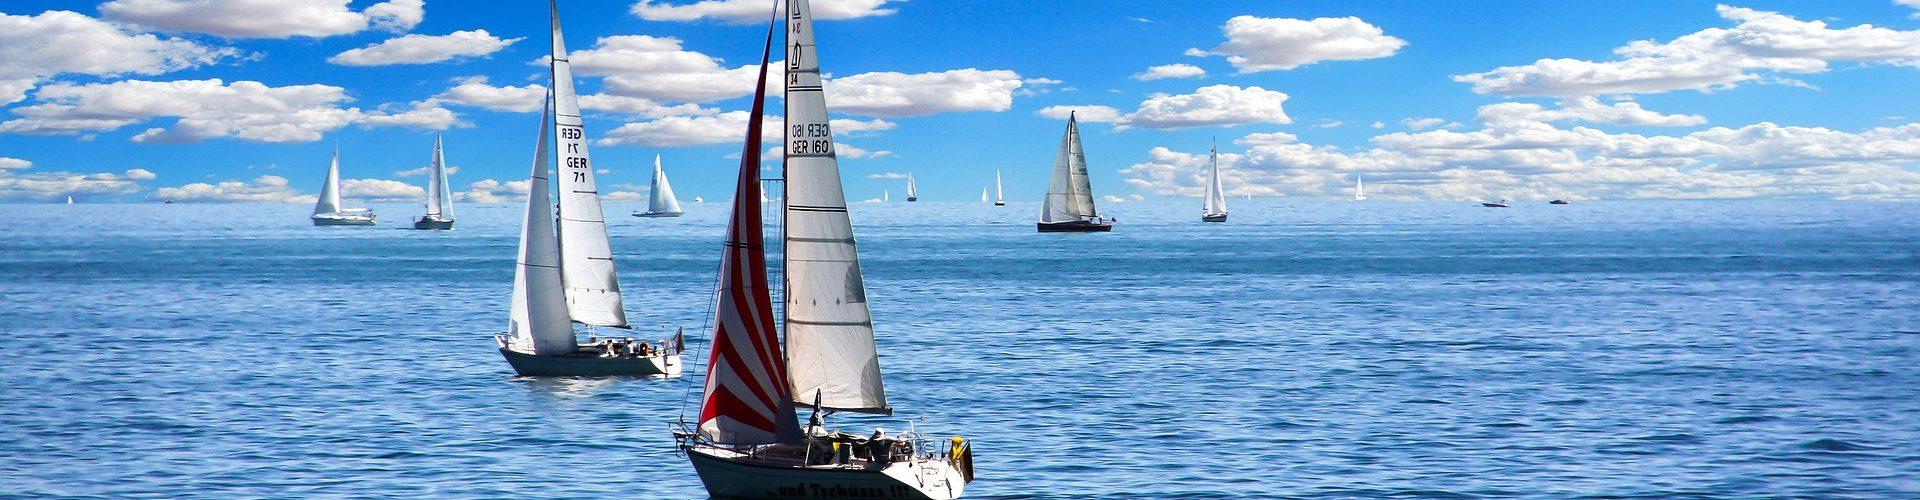 segeln lernen in Gütersloh segelschein machen in Gütersloh 1920x500 - Segeln lernen in Gütersloh